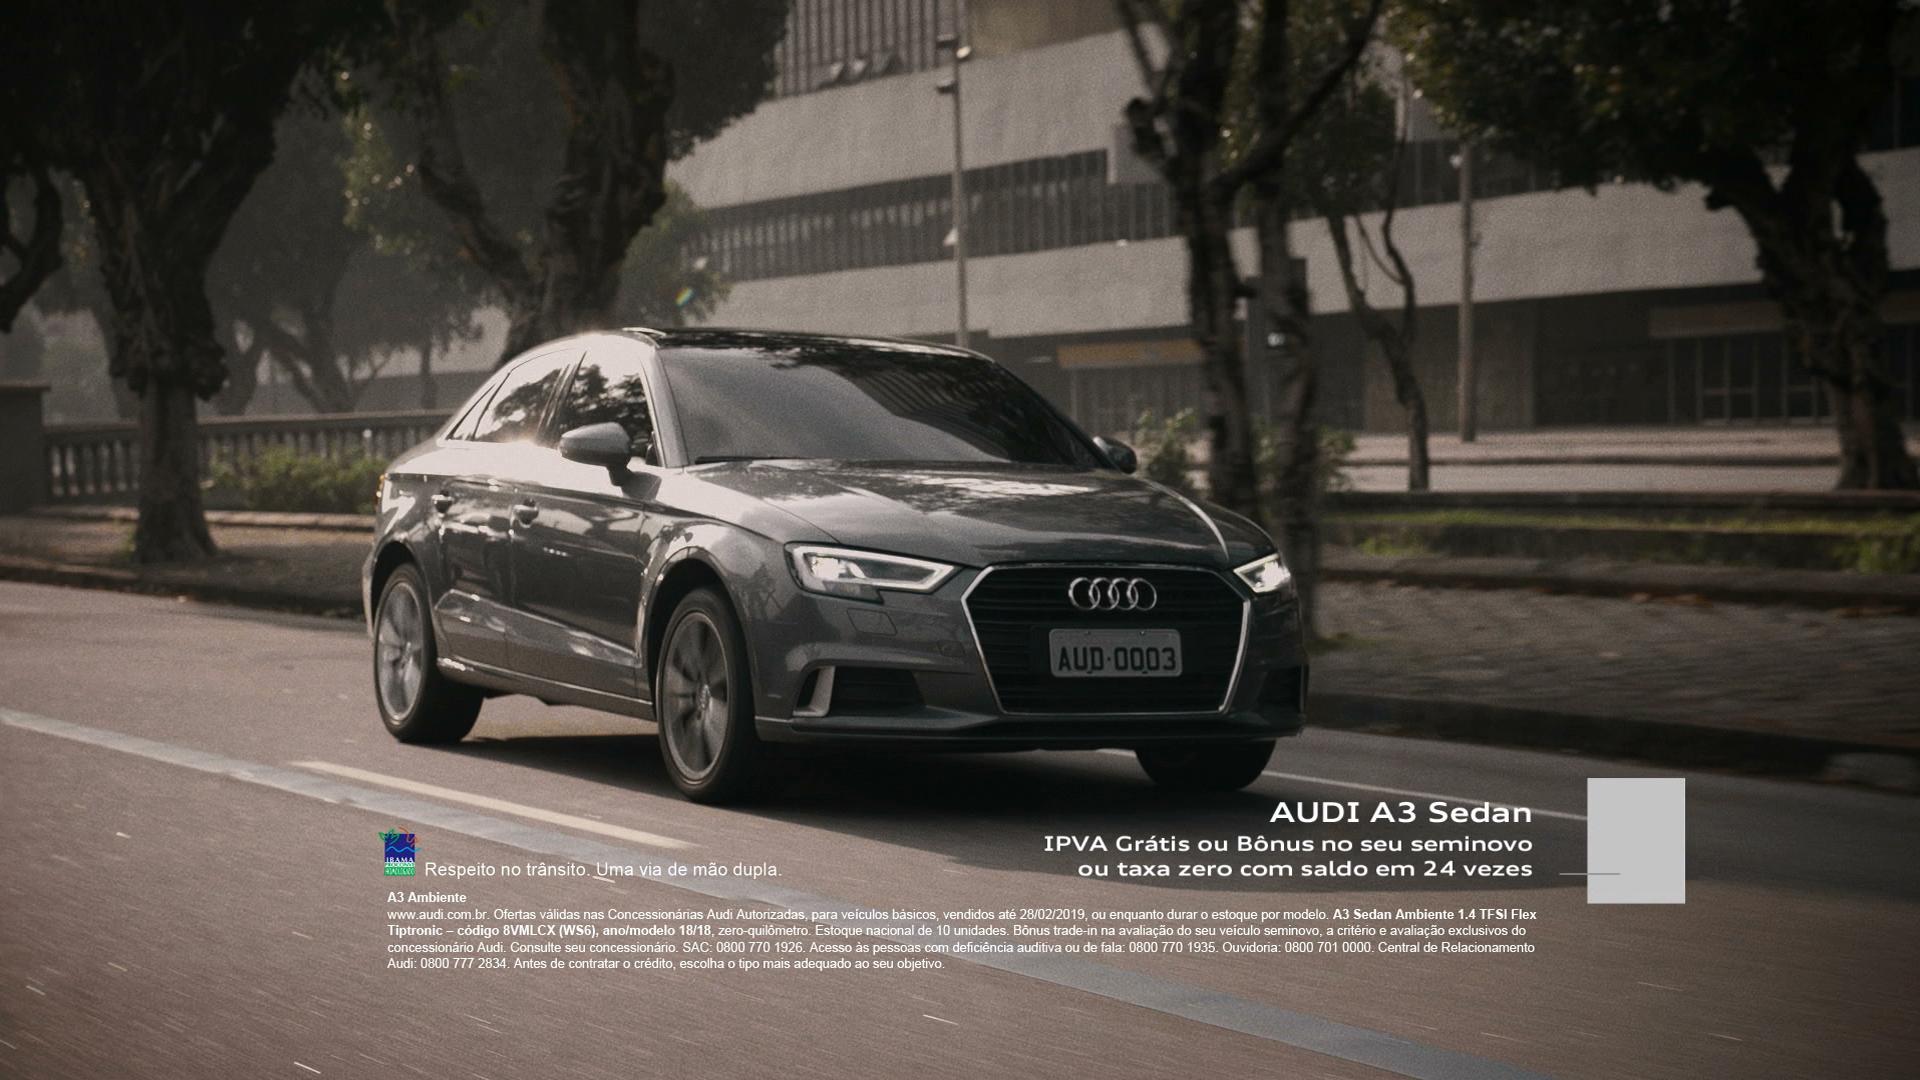 Audi mostra novo posicionamento de mercado no Brasil em suas campanhas publicitárias